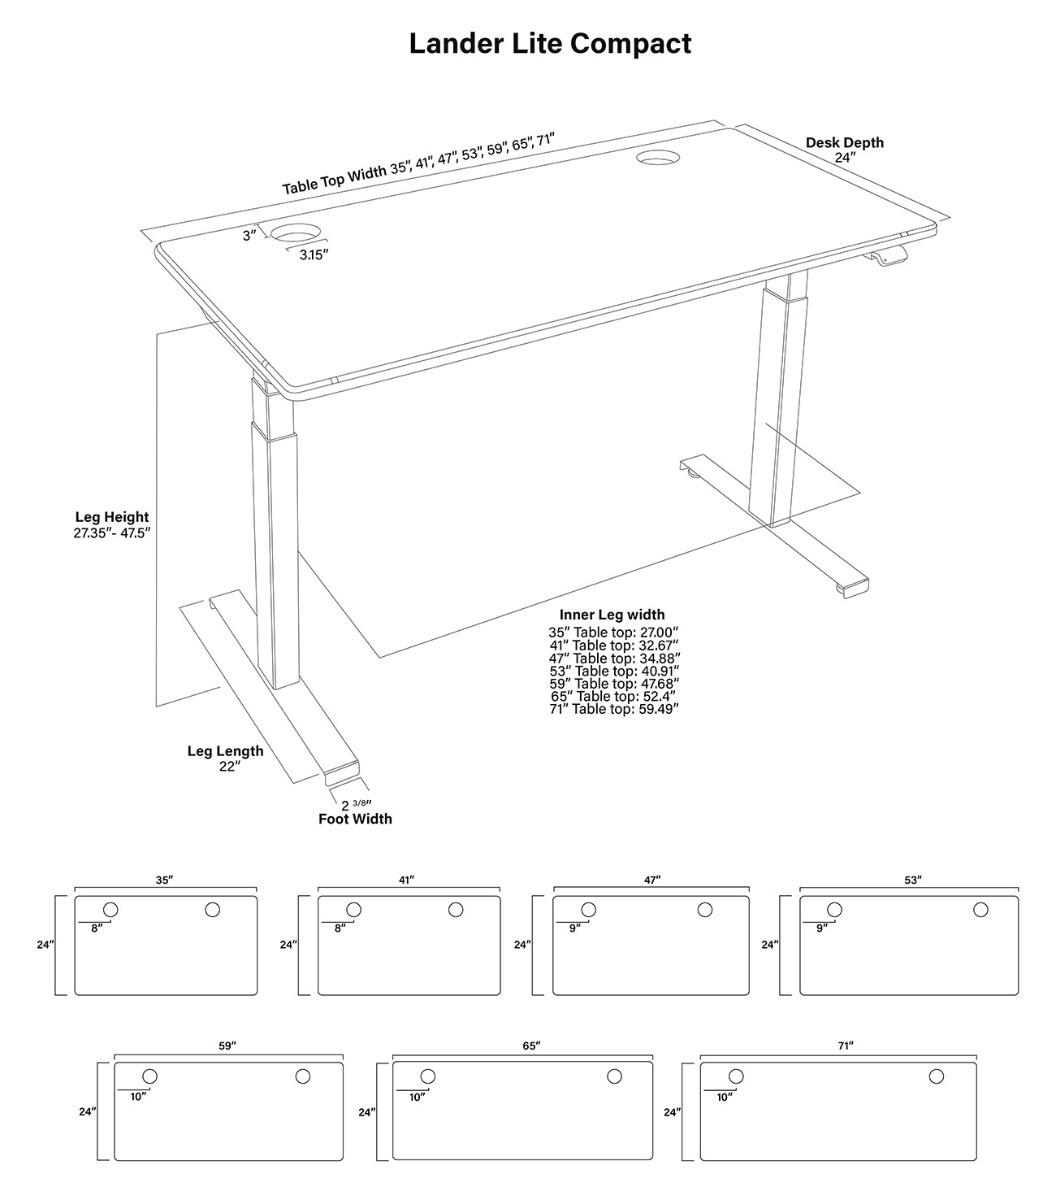 Lander Lite Compact Product Diagram